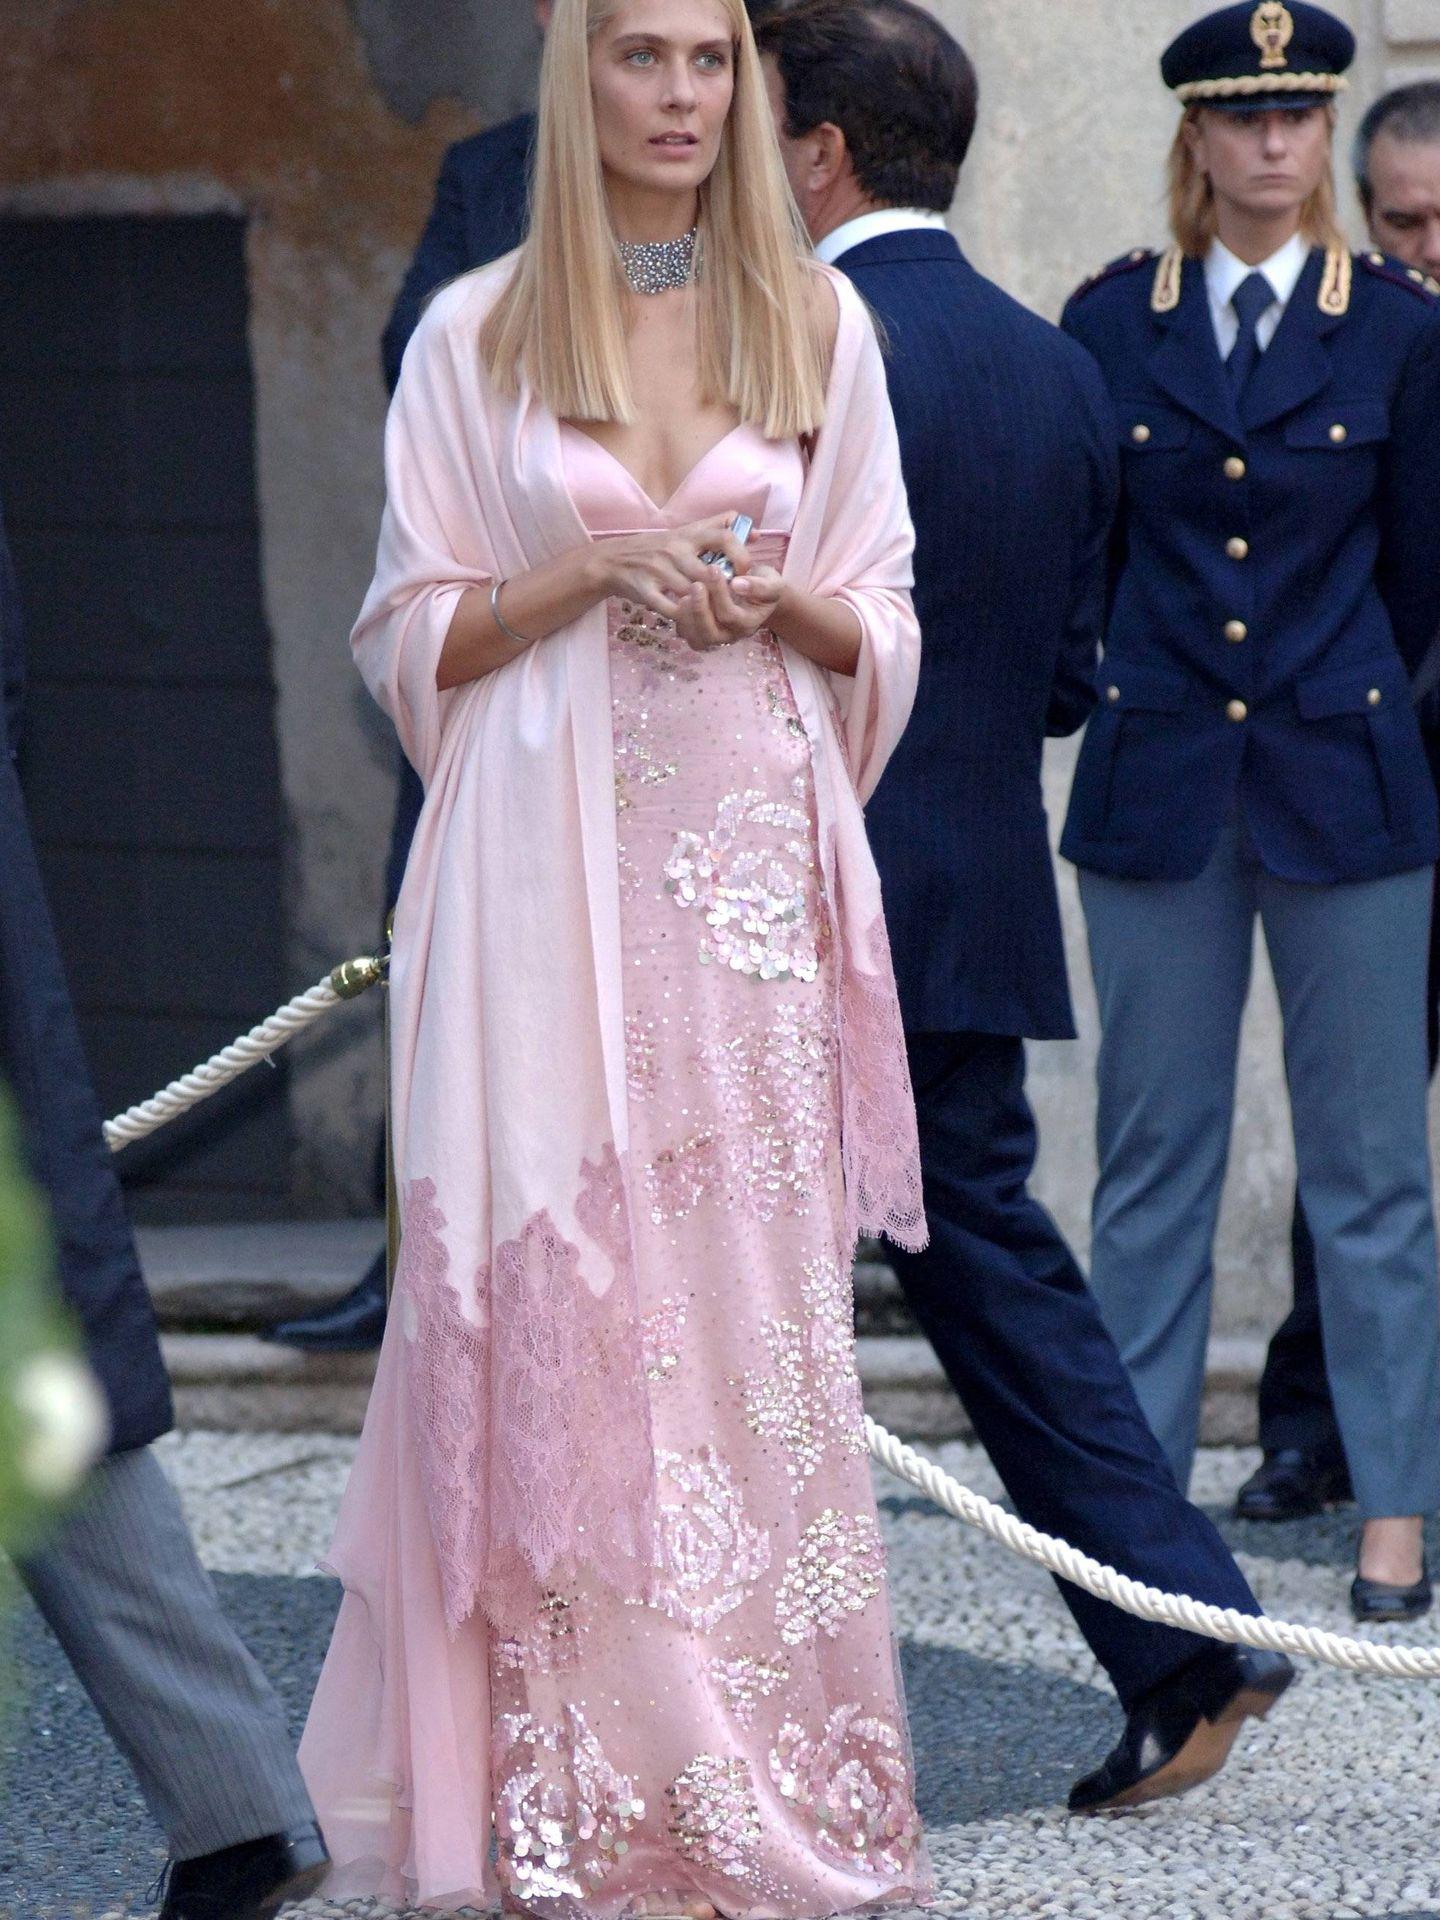 Lavinia, en la boda de Isabella Borromeo. (Cordon Press)